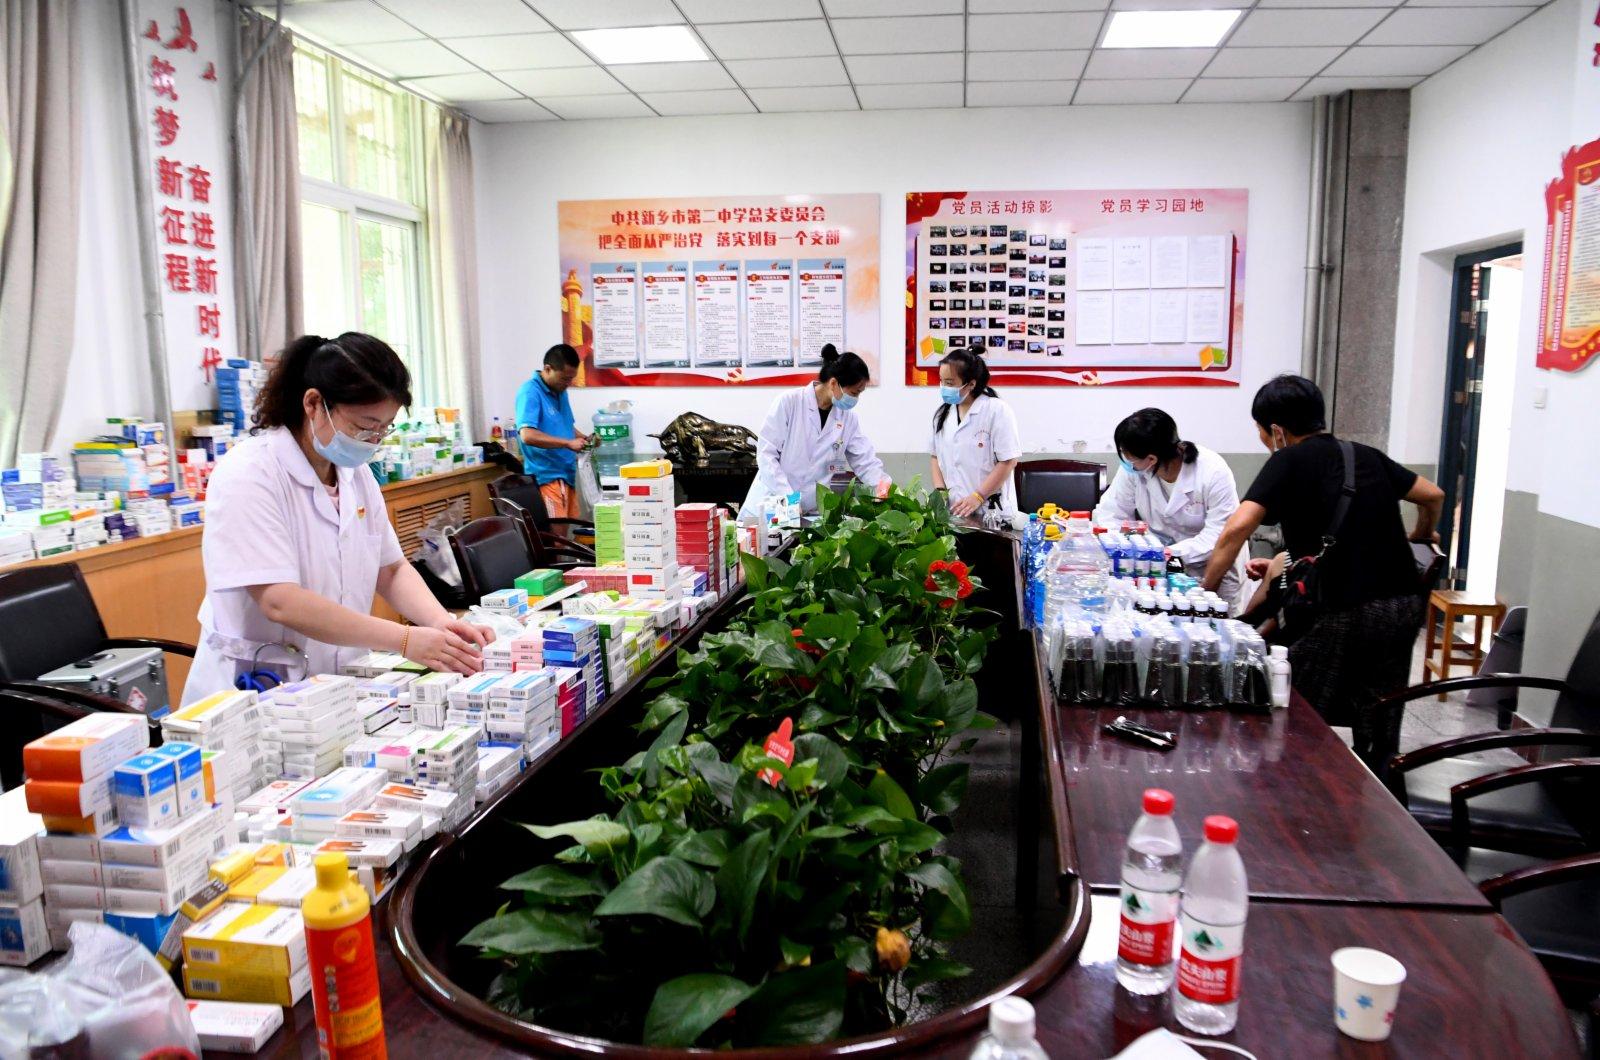 在河南省新鄉市第二中學安置點拍攝的臨時醫療救助點。